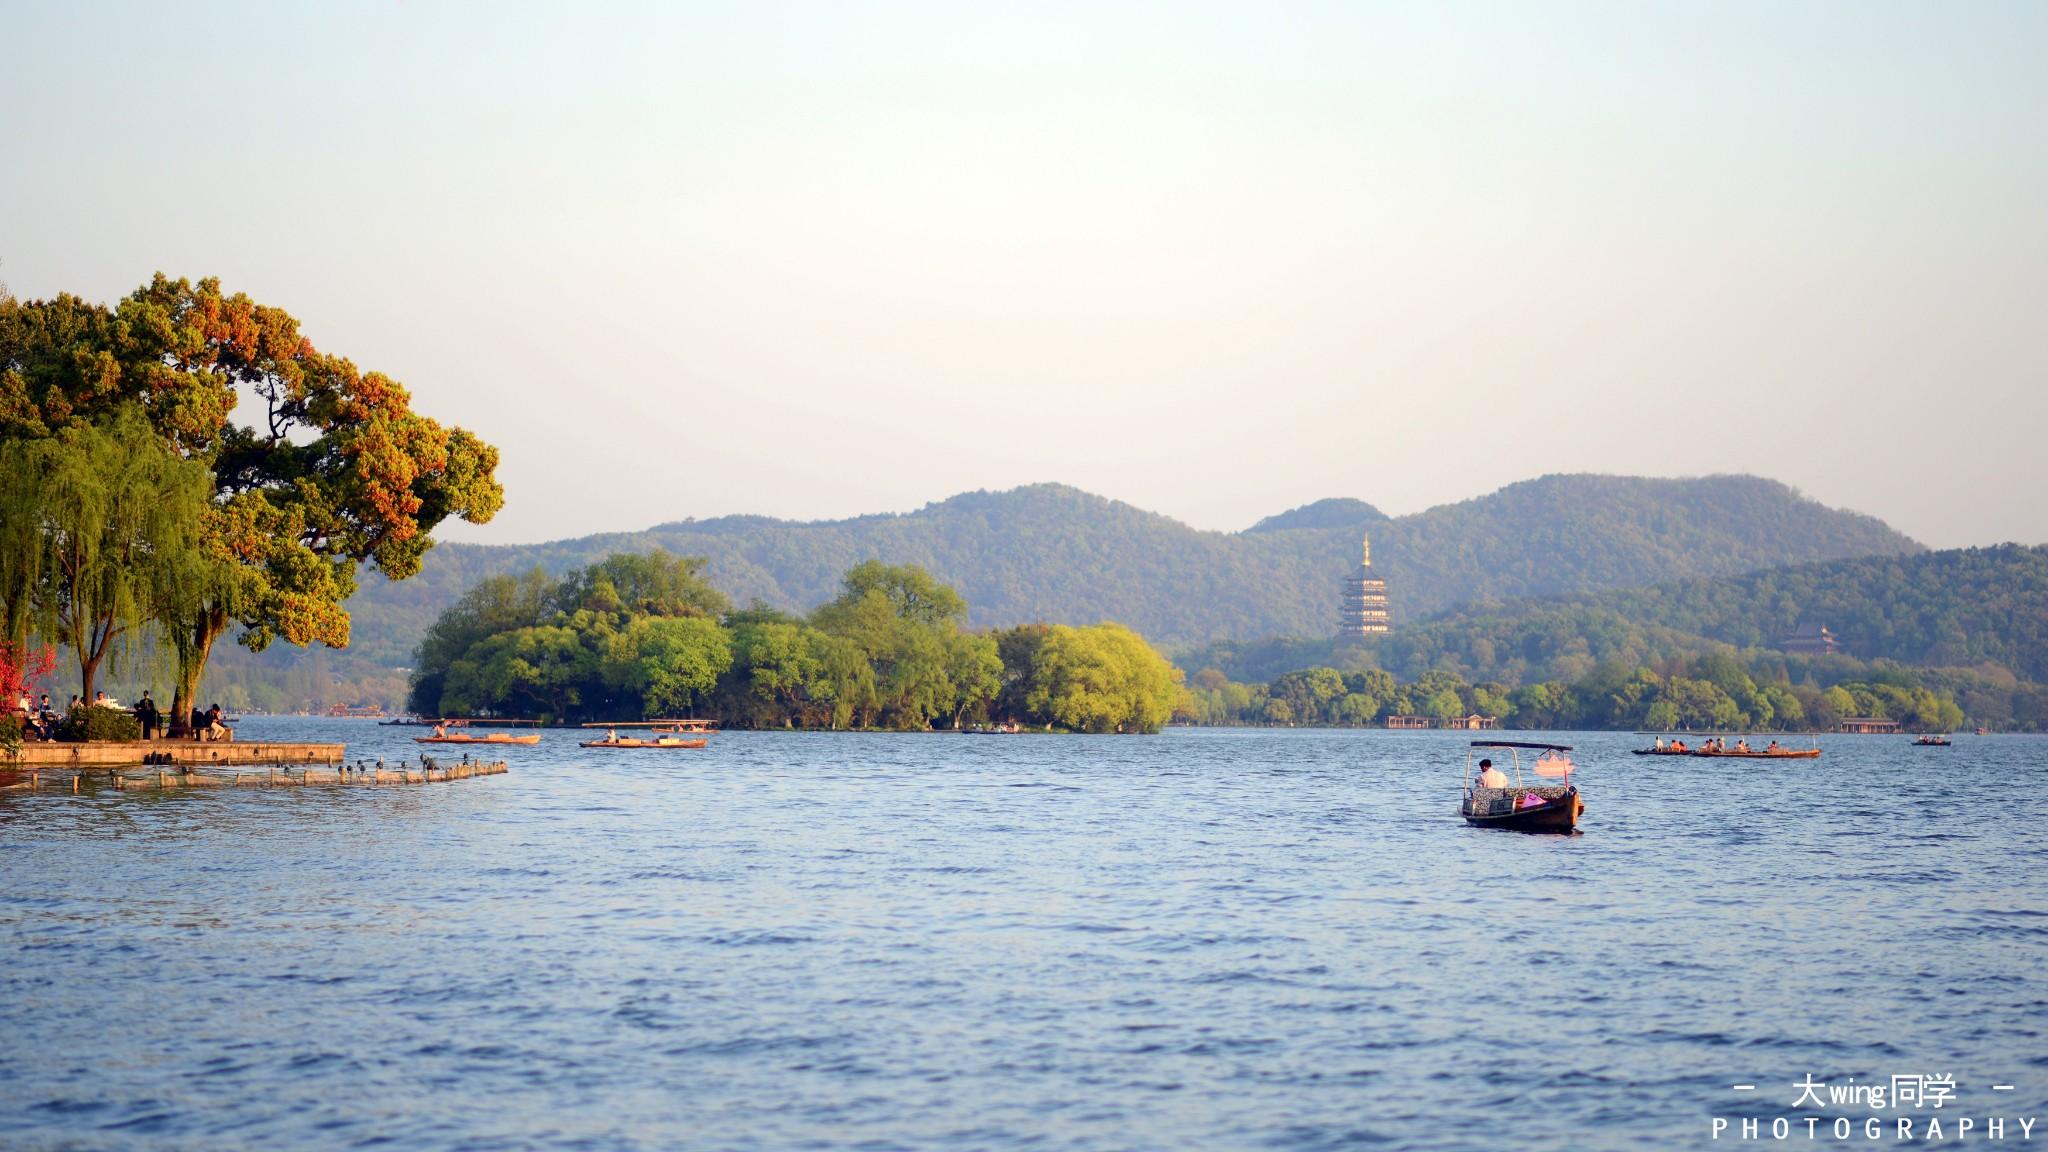 如何玩转杭州,杭州游玩必去的地方,杭州状元线上娱乐攻略